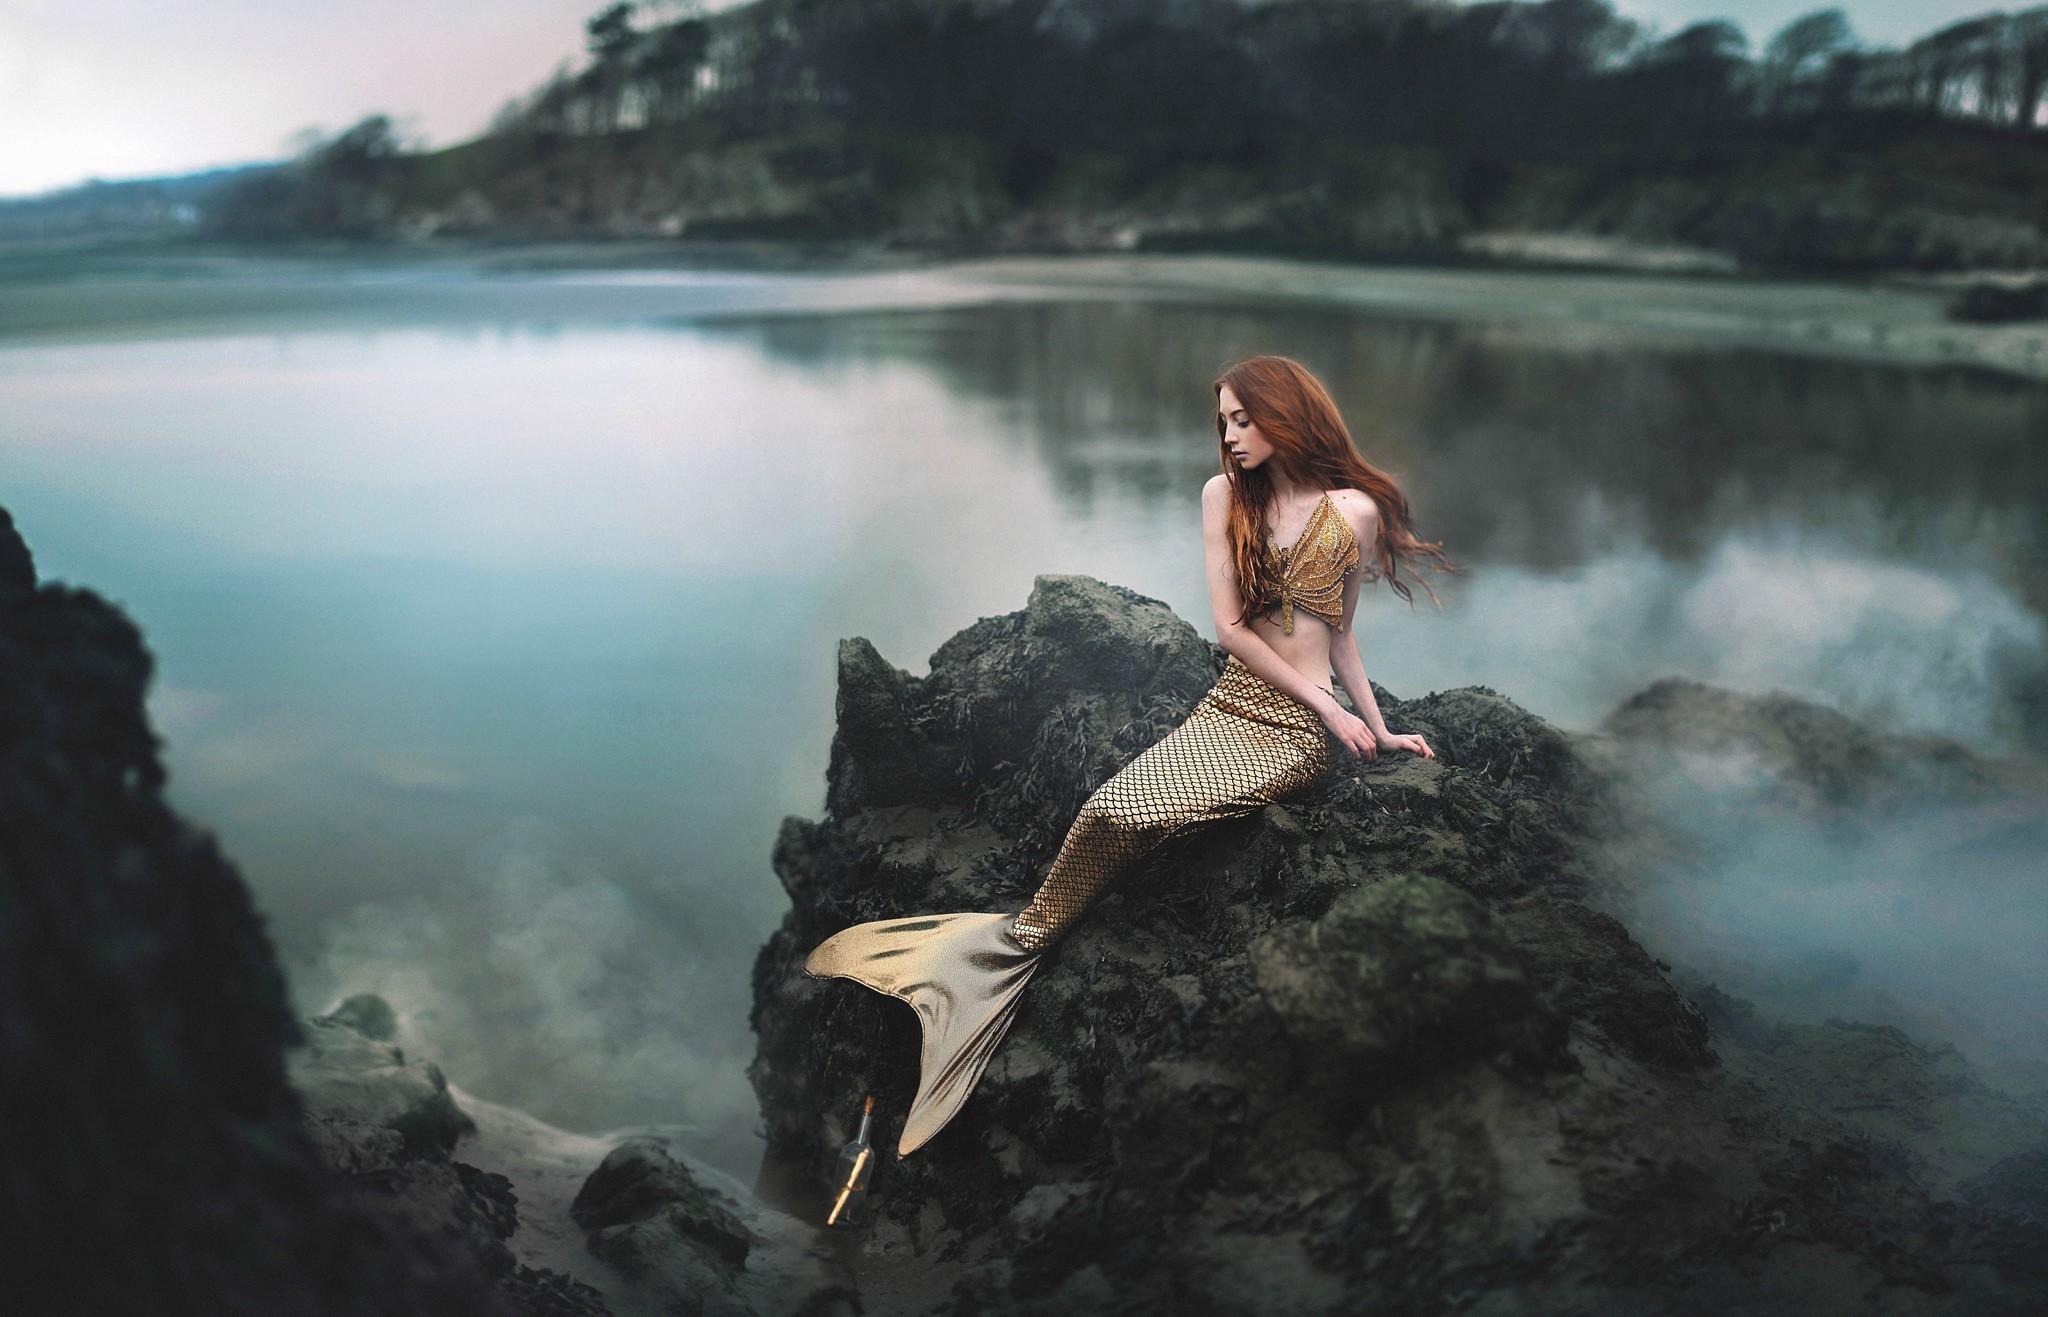 Картинки русалок на камне